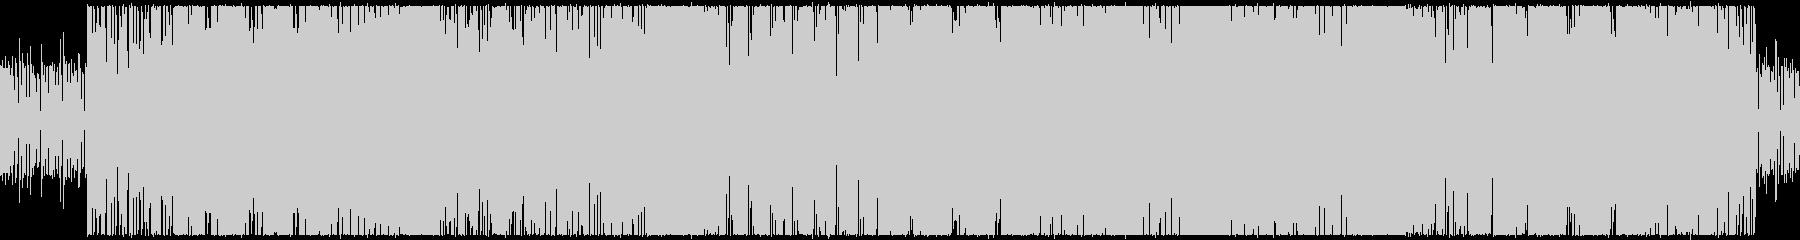 トランペット主体のテクノ風BGMの未再生の波形